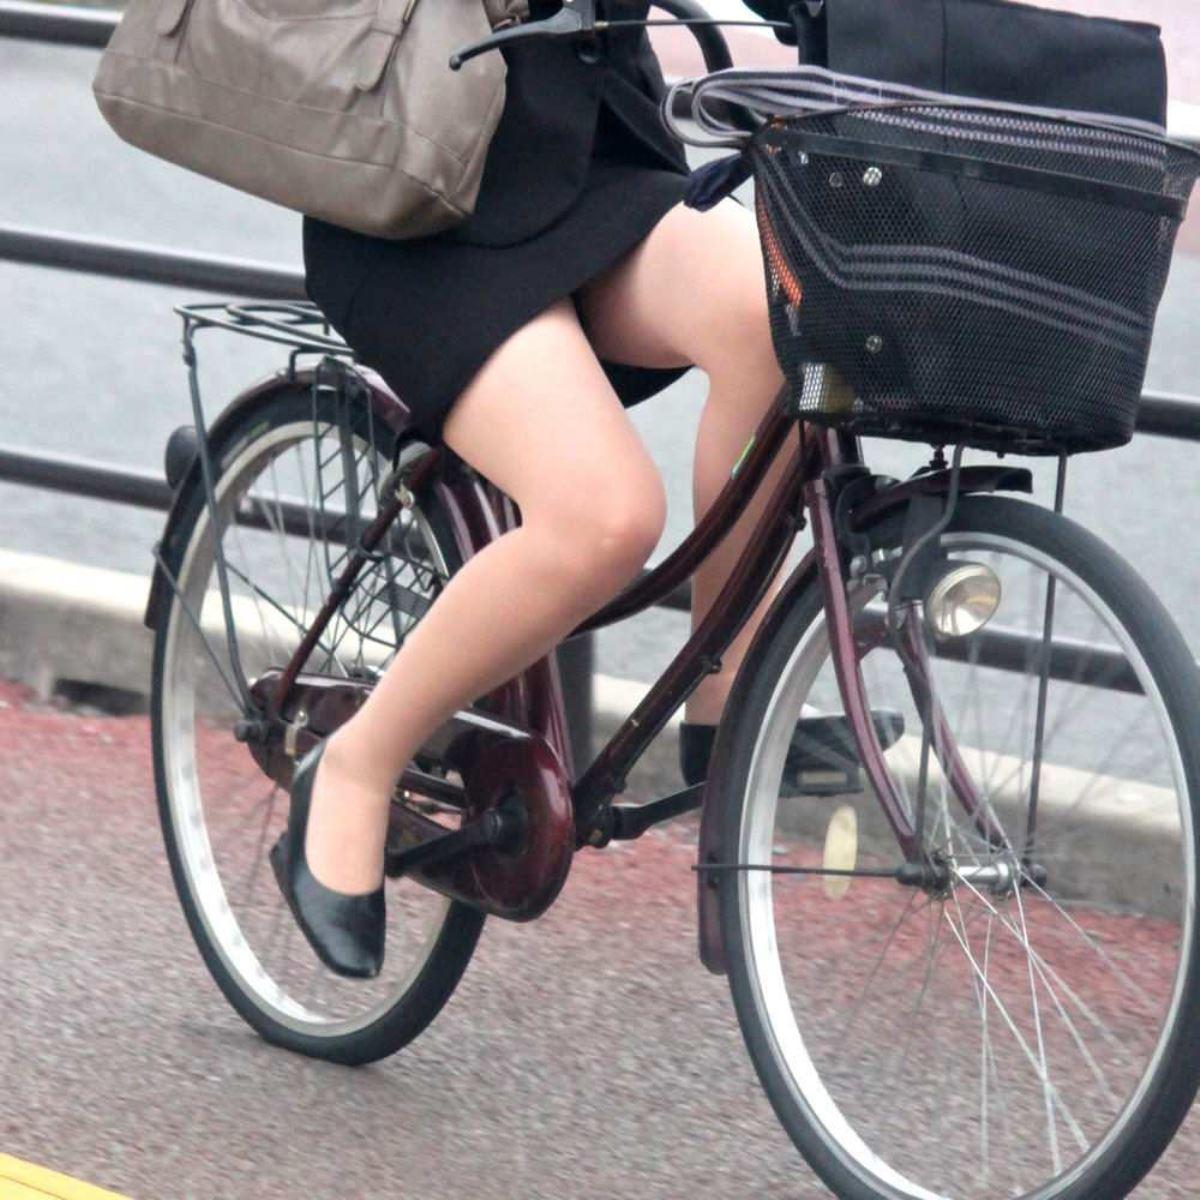 新入社員OLが自転車に乗る三角パンチラ盗撮エロ画像13枚目